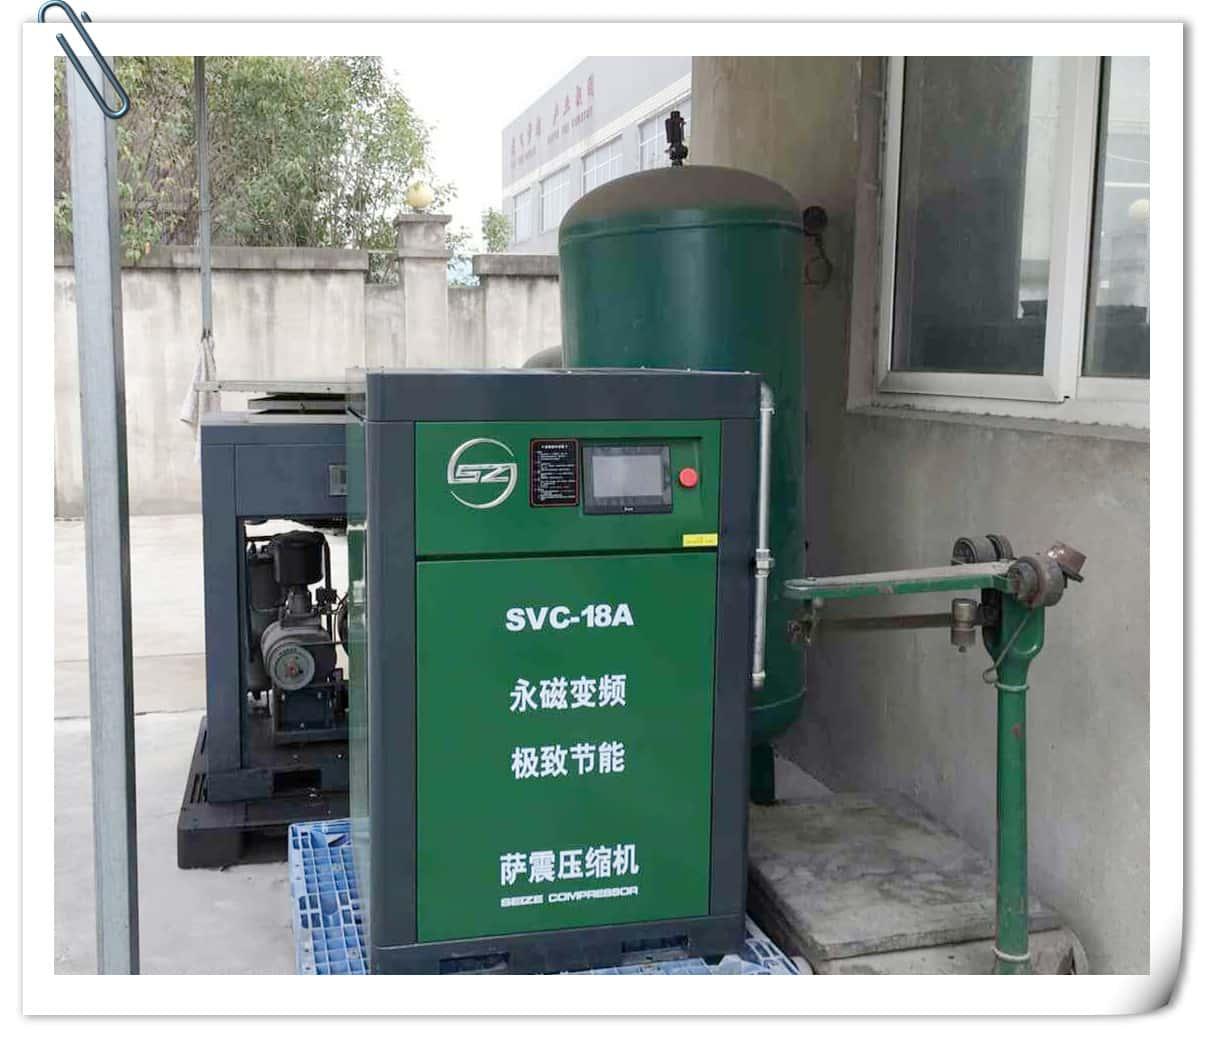 答:螺杆式空压机与液压设备结构的不同,决定了螺杆式空压机对润滑油图片